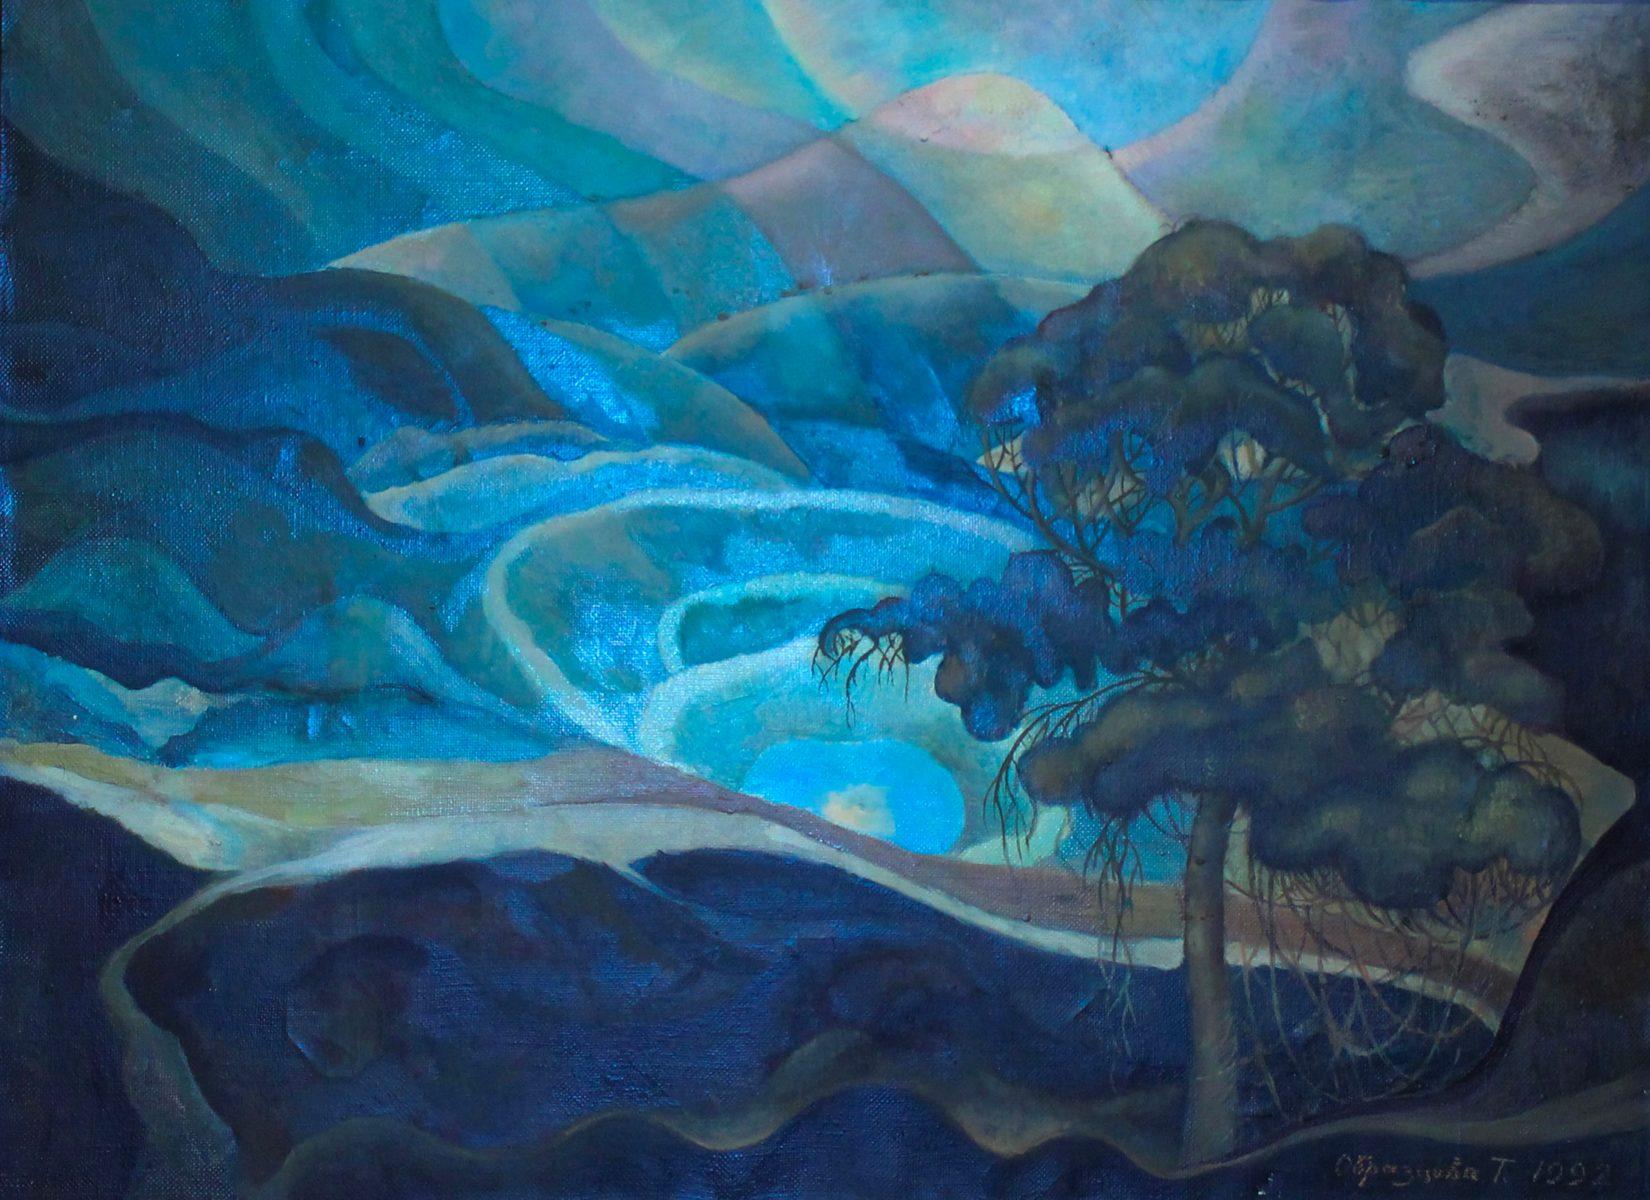 Выставка «Тайна природы» в Галерее искусств Зураба Церетели – события на сайте «Московские Сезоны»